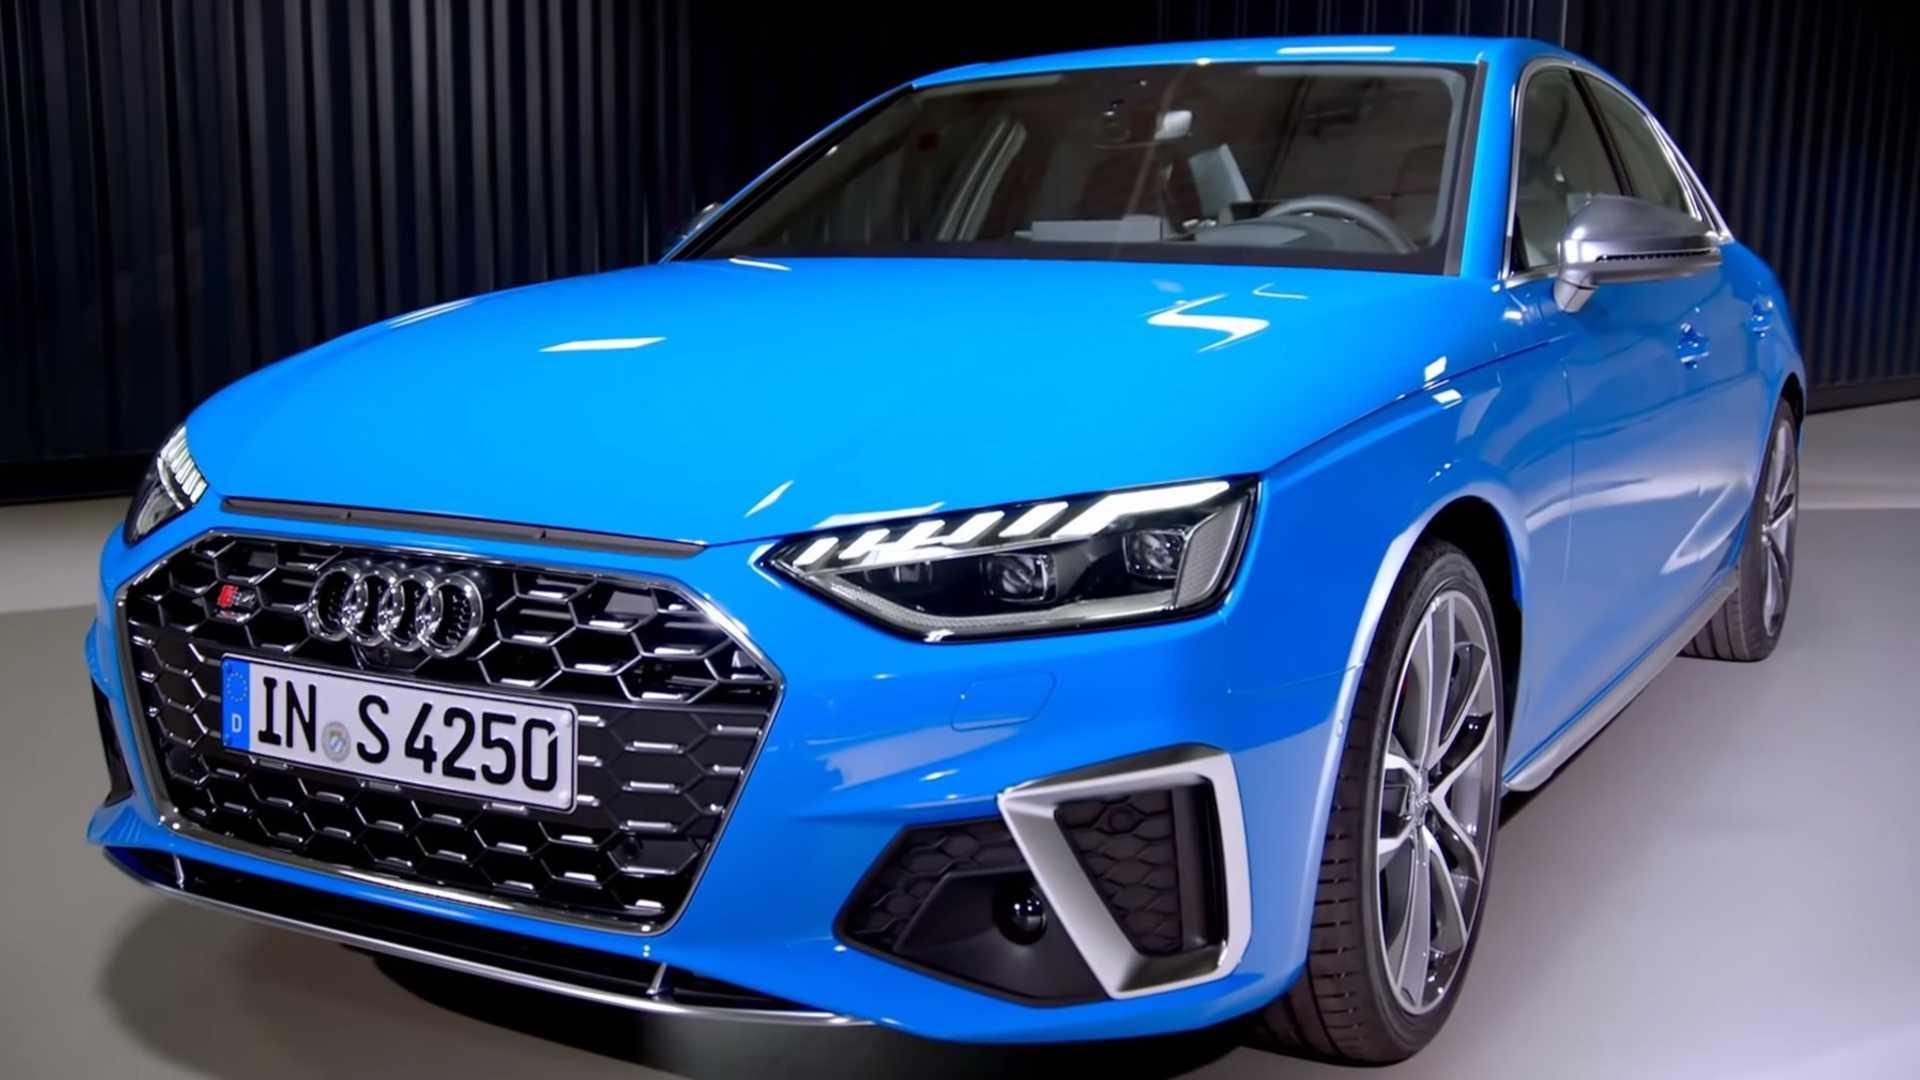 71 New Audi A4 2020 History by Audi A4 2020